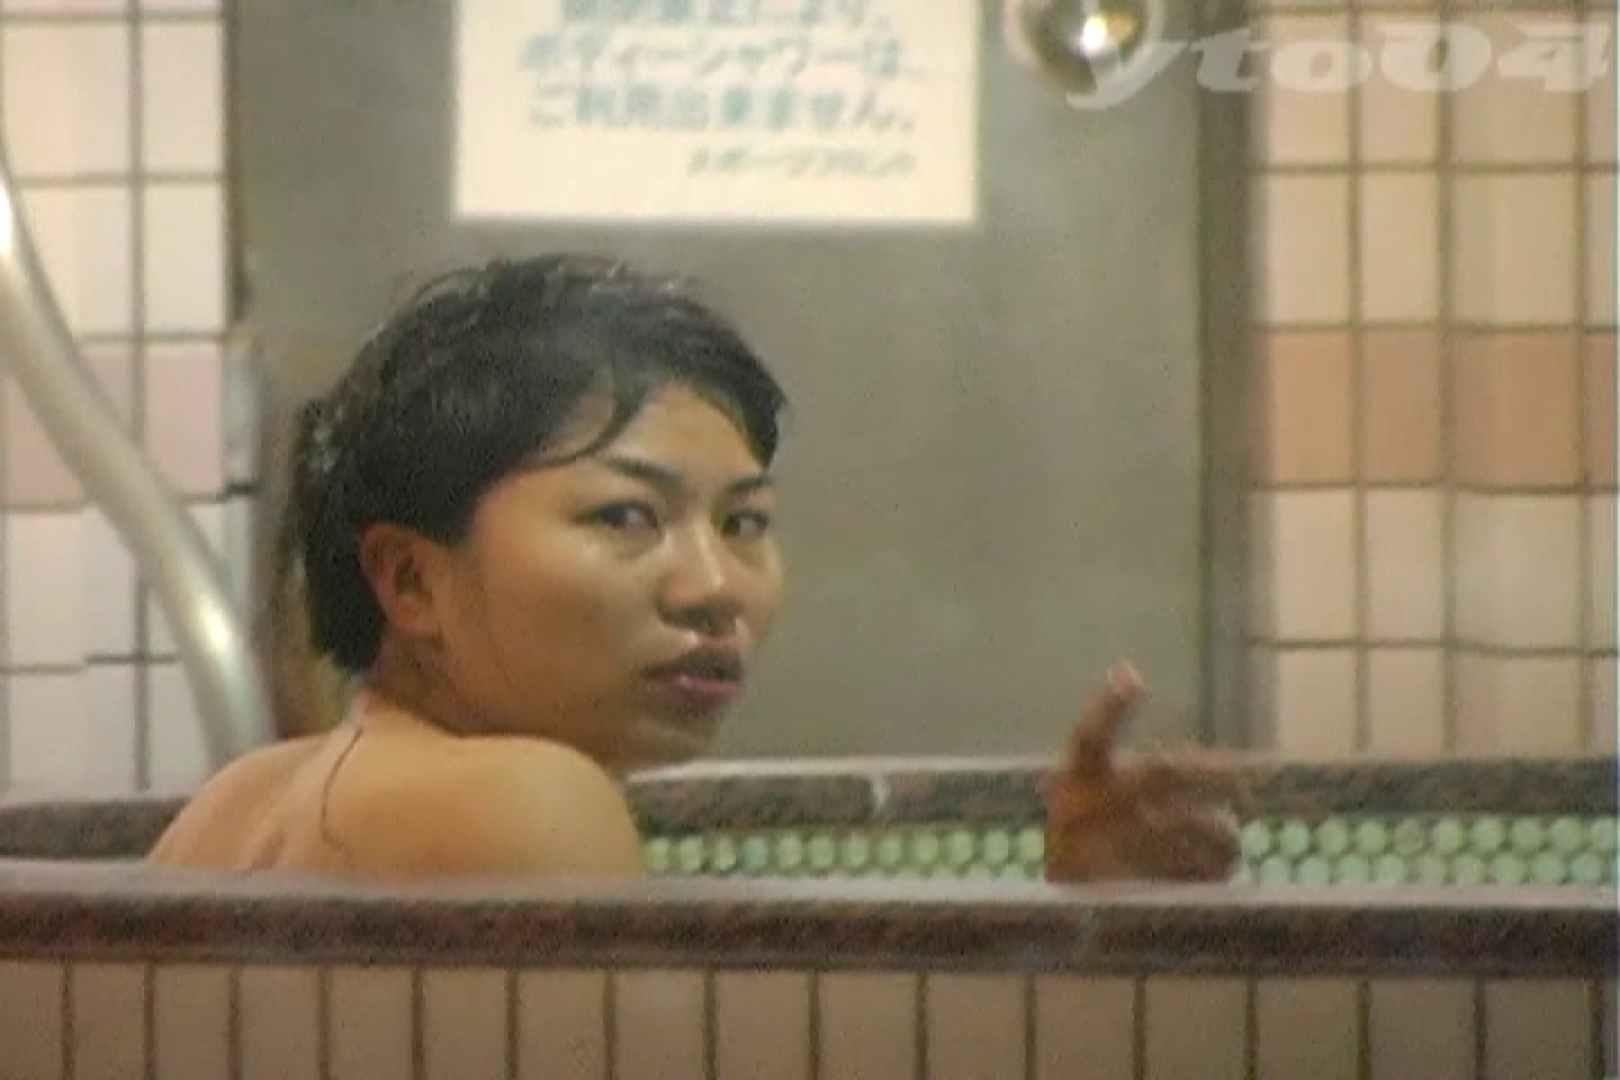 ▲復活限定▲合宿ホテル女風呂盗撮 Vol.24 ホテル  84PIX 30